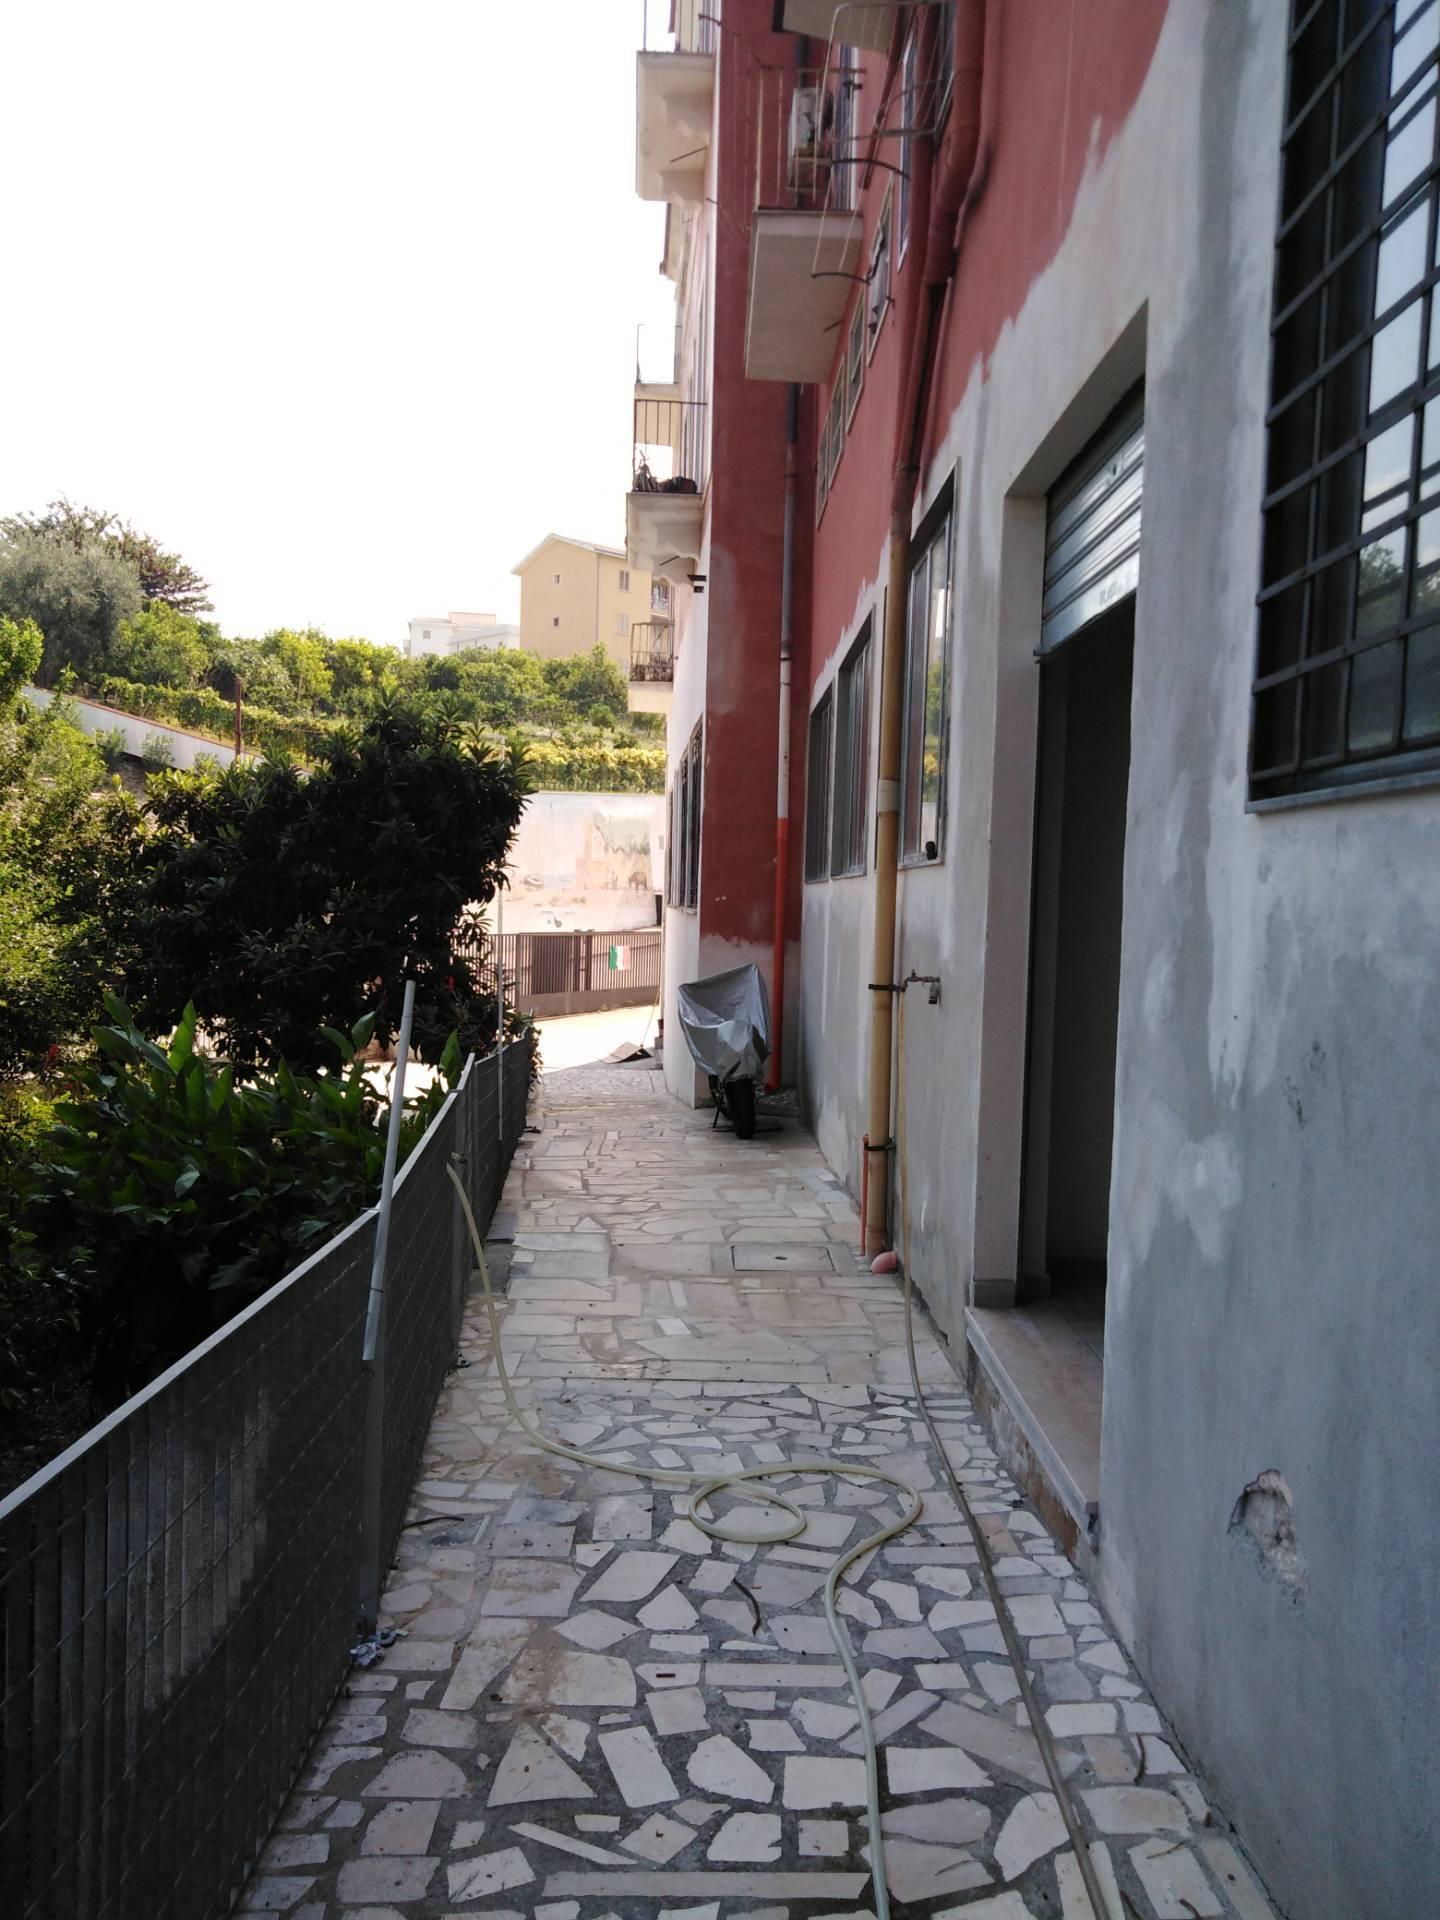 Attività / Licenza in affitto a Rodi Garganico, 9999 locali, prezzo € 800 | CambioCasa.it